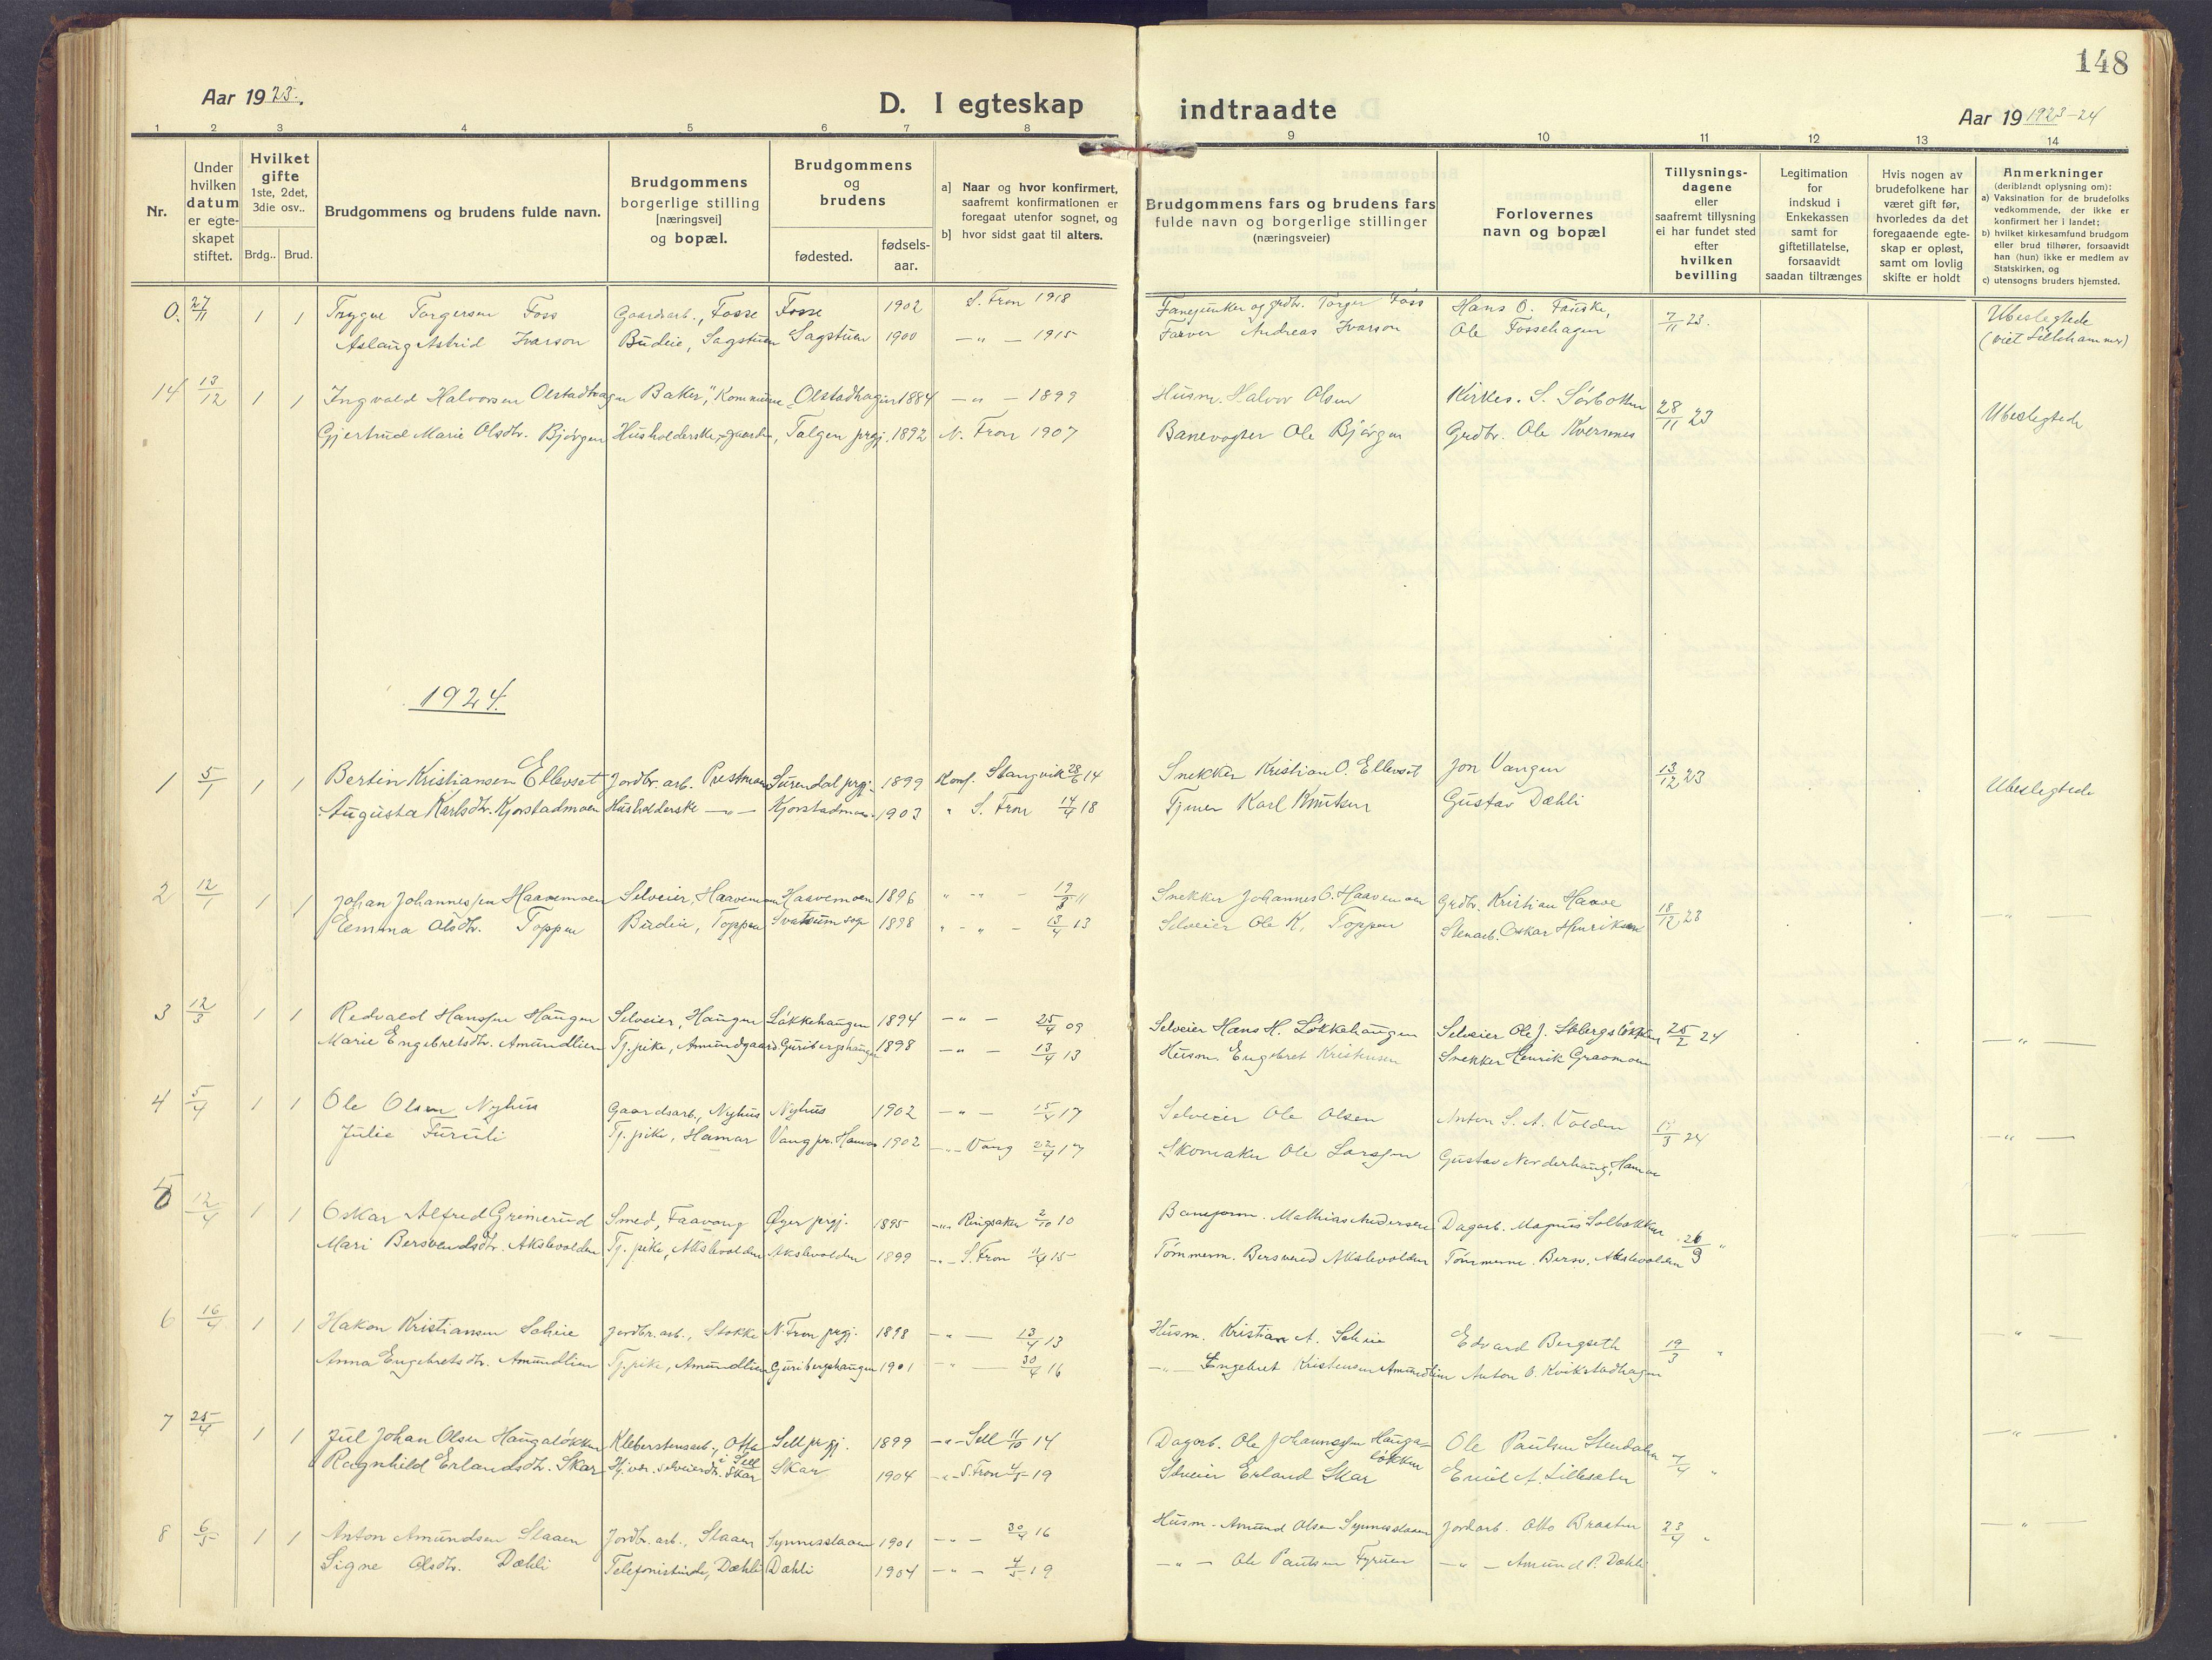 SAH, Sør-Fron prestekontor, H/Ha/Haa/L0005: Parish register (official) no. 5, 1920-1933, p. 148